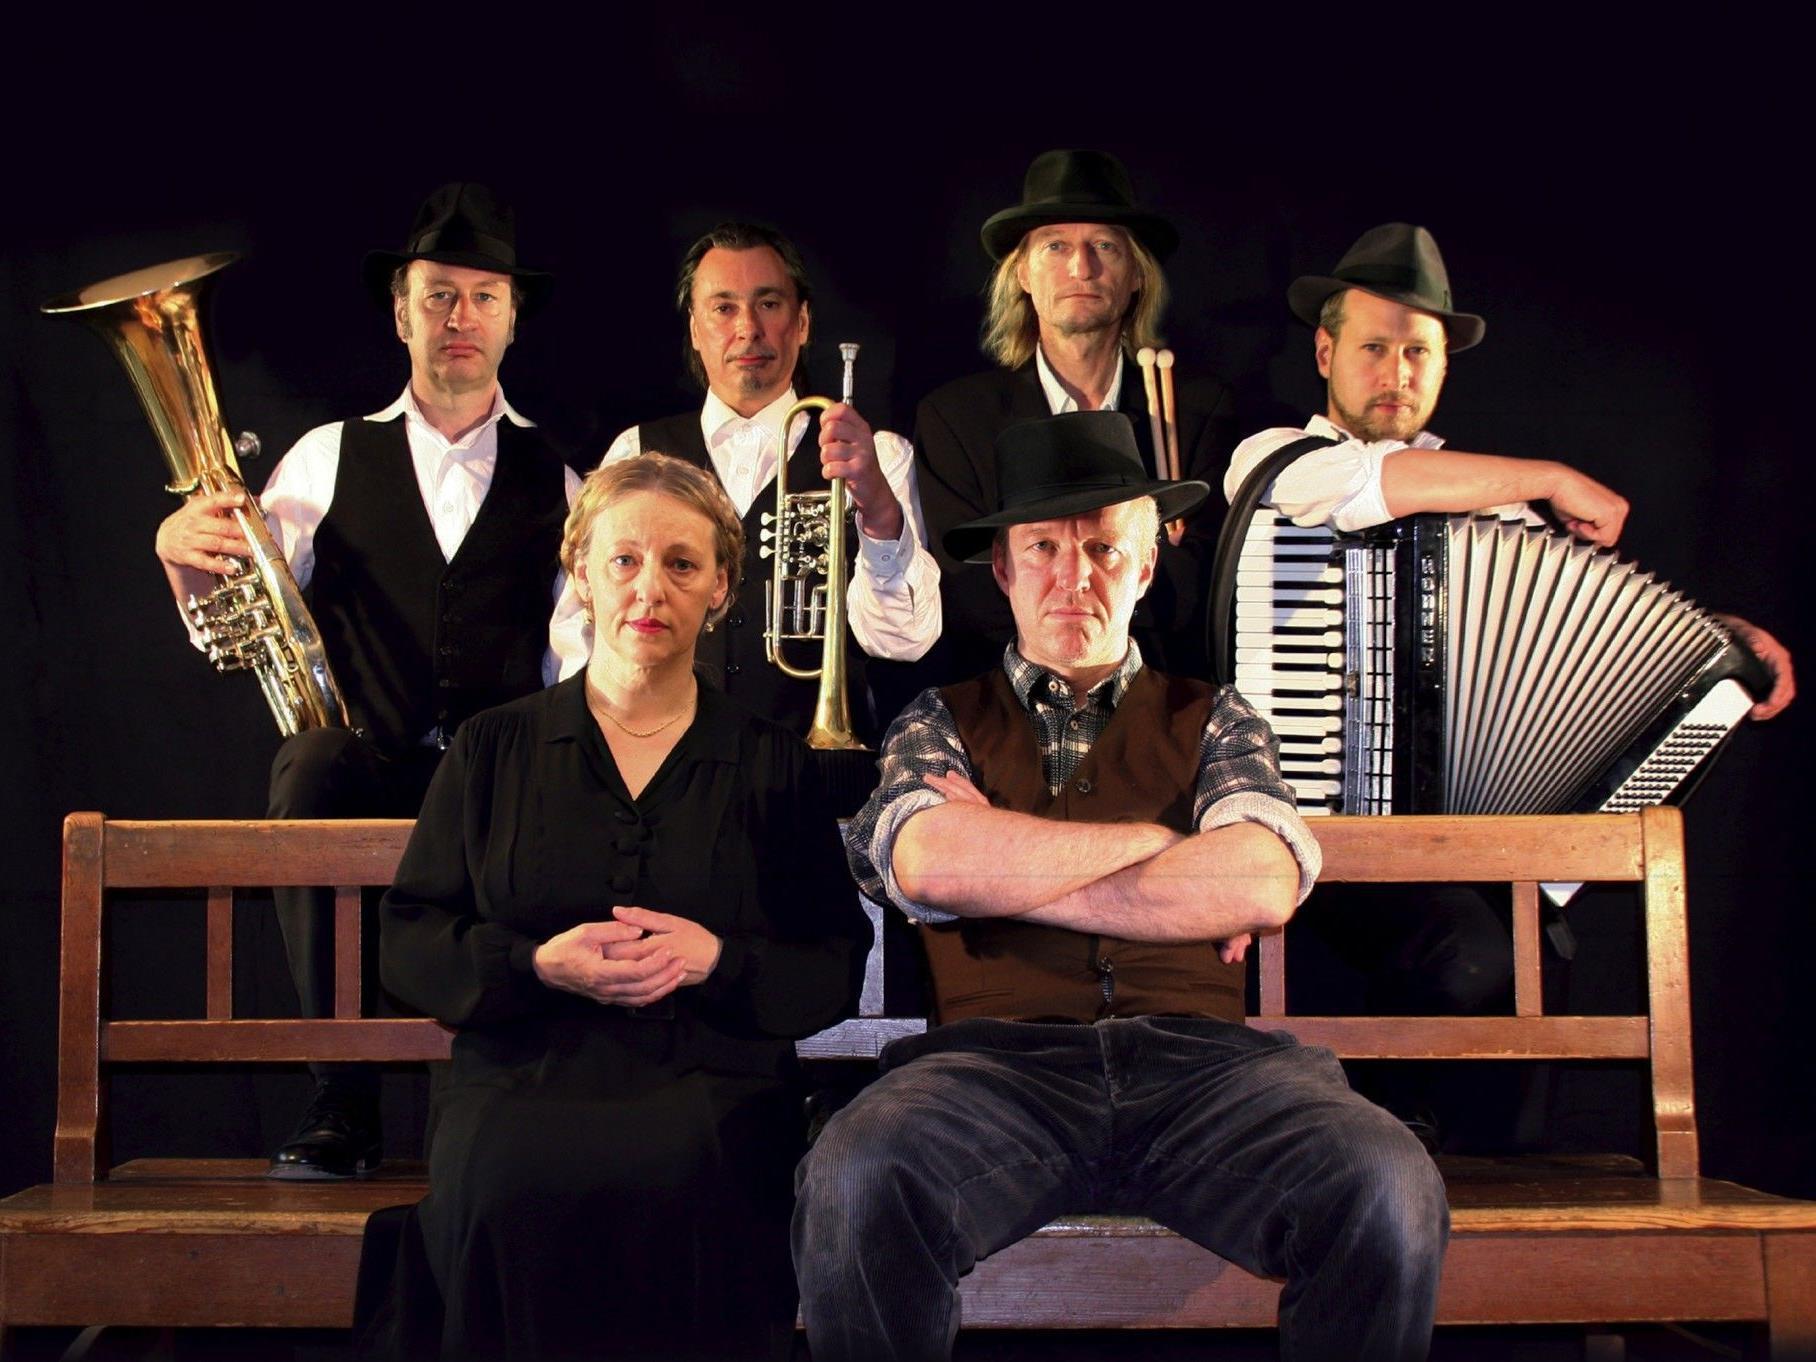 Johanna Bittenbinder und Heinz-Josef Braun setzen gemeinsam mit dem 'Art Ensemble of Passau' den Krimibestseller 'Tannöd' als Live-Hörspielkrimi in Szene